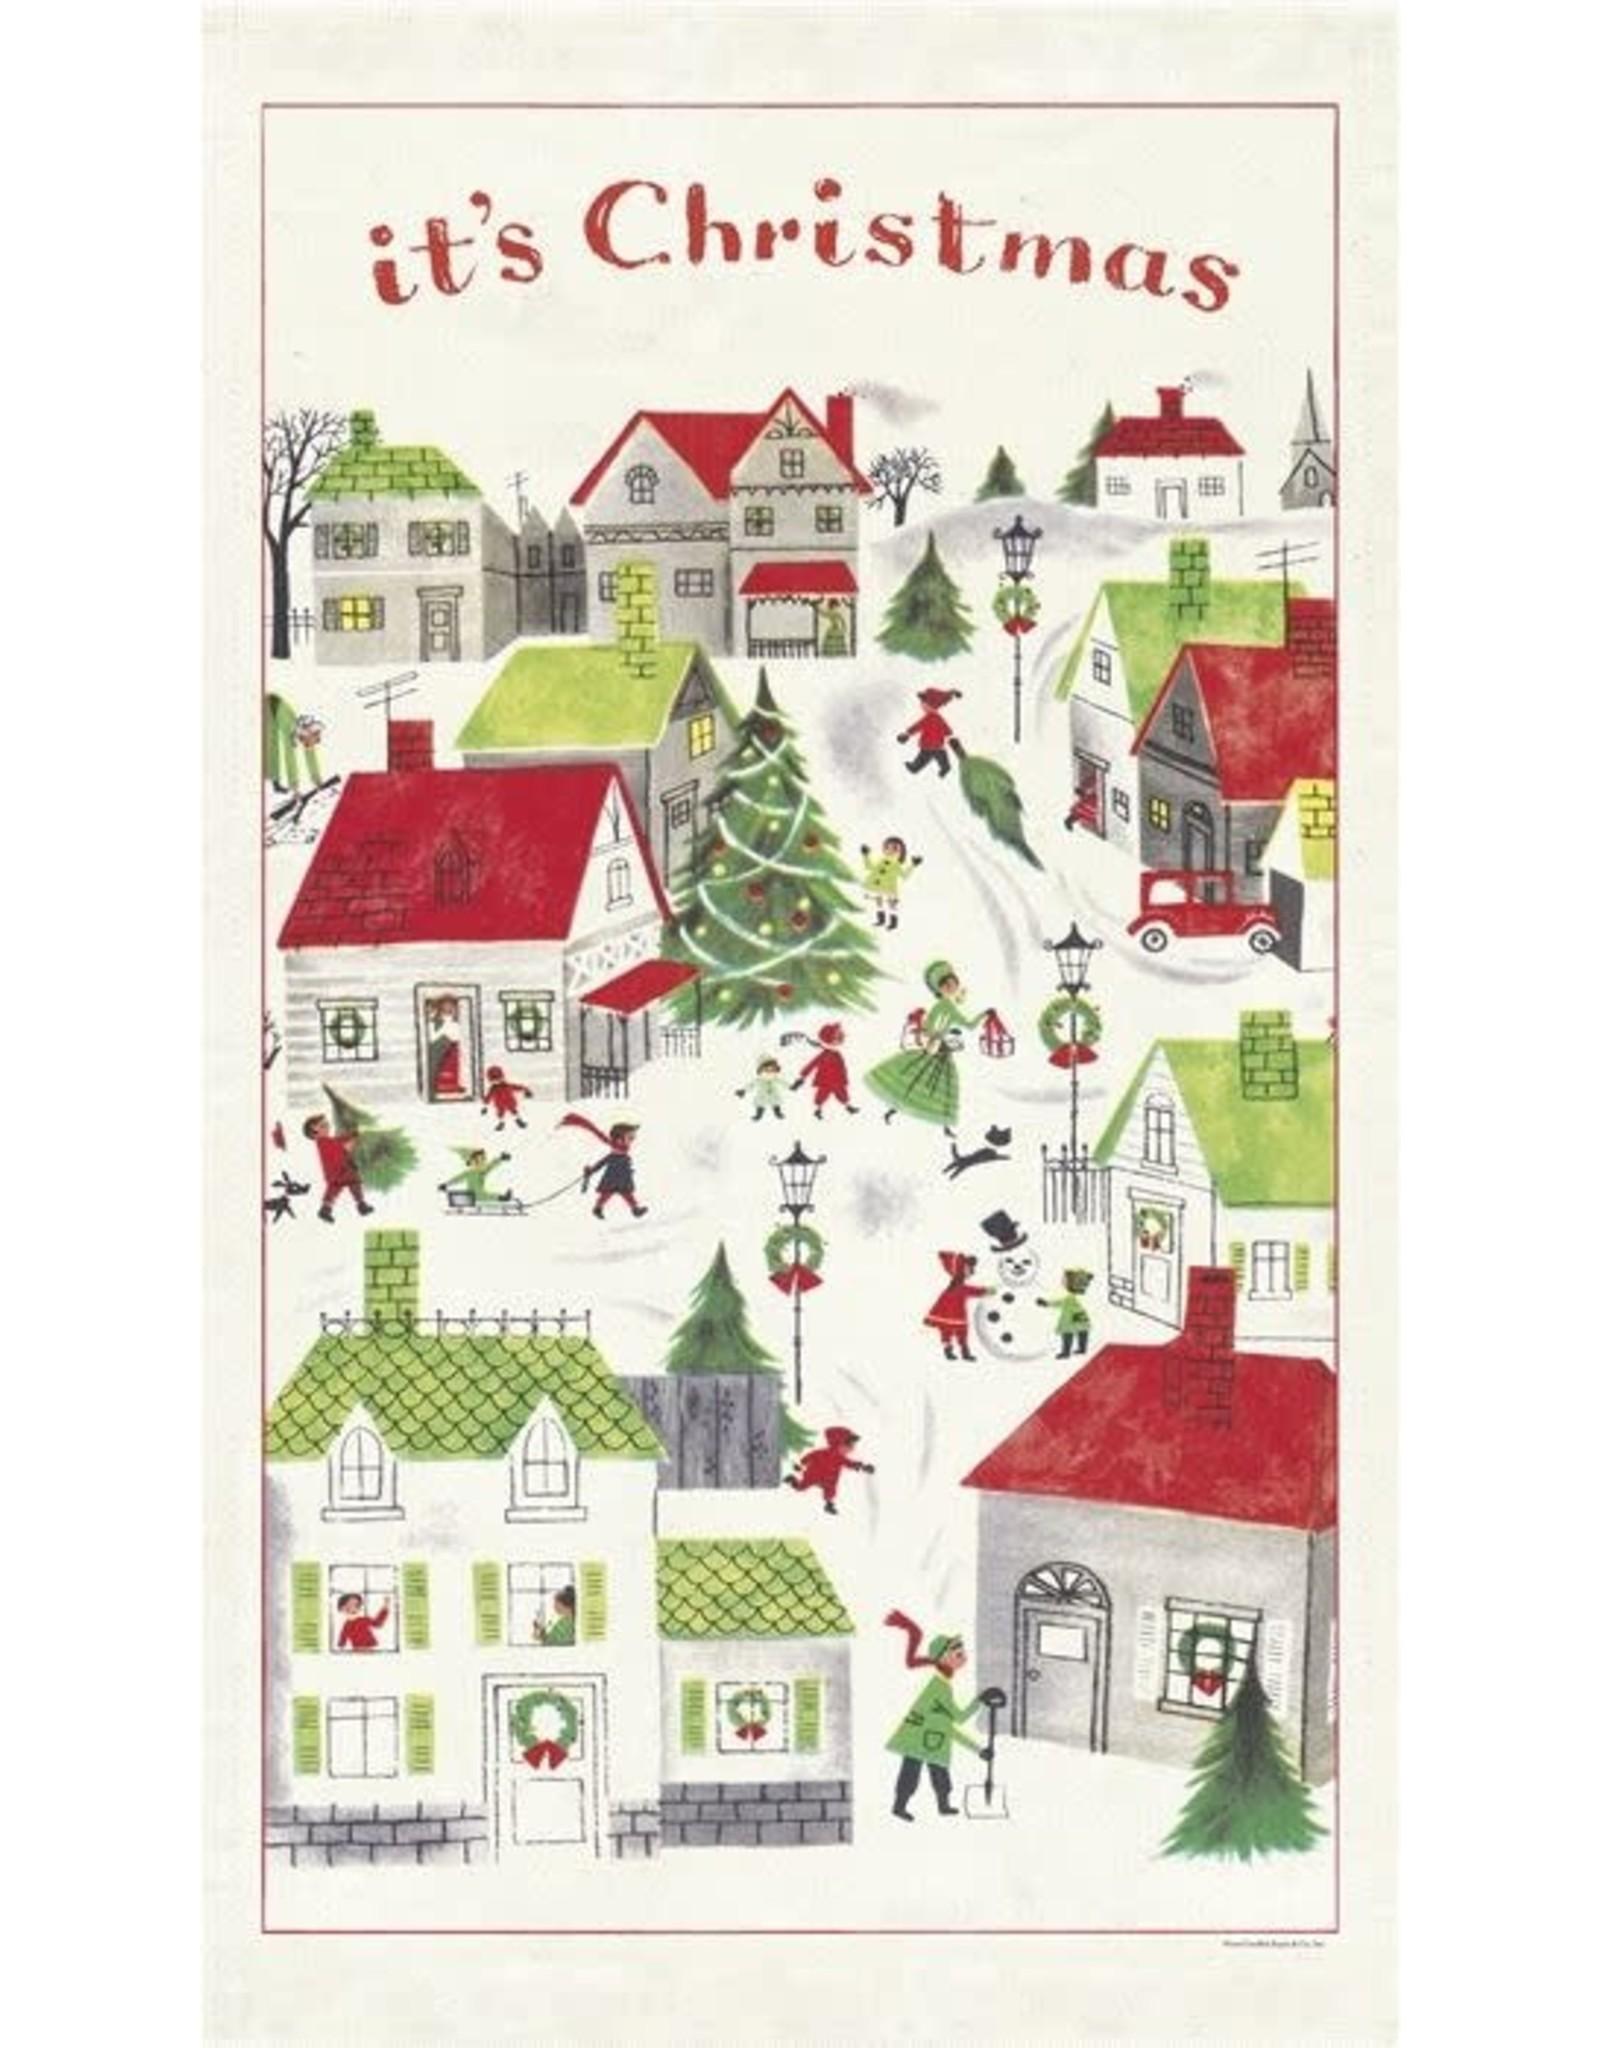 Cavallini Papers & Co. Christmas Village Tea Towel